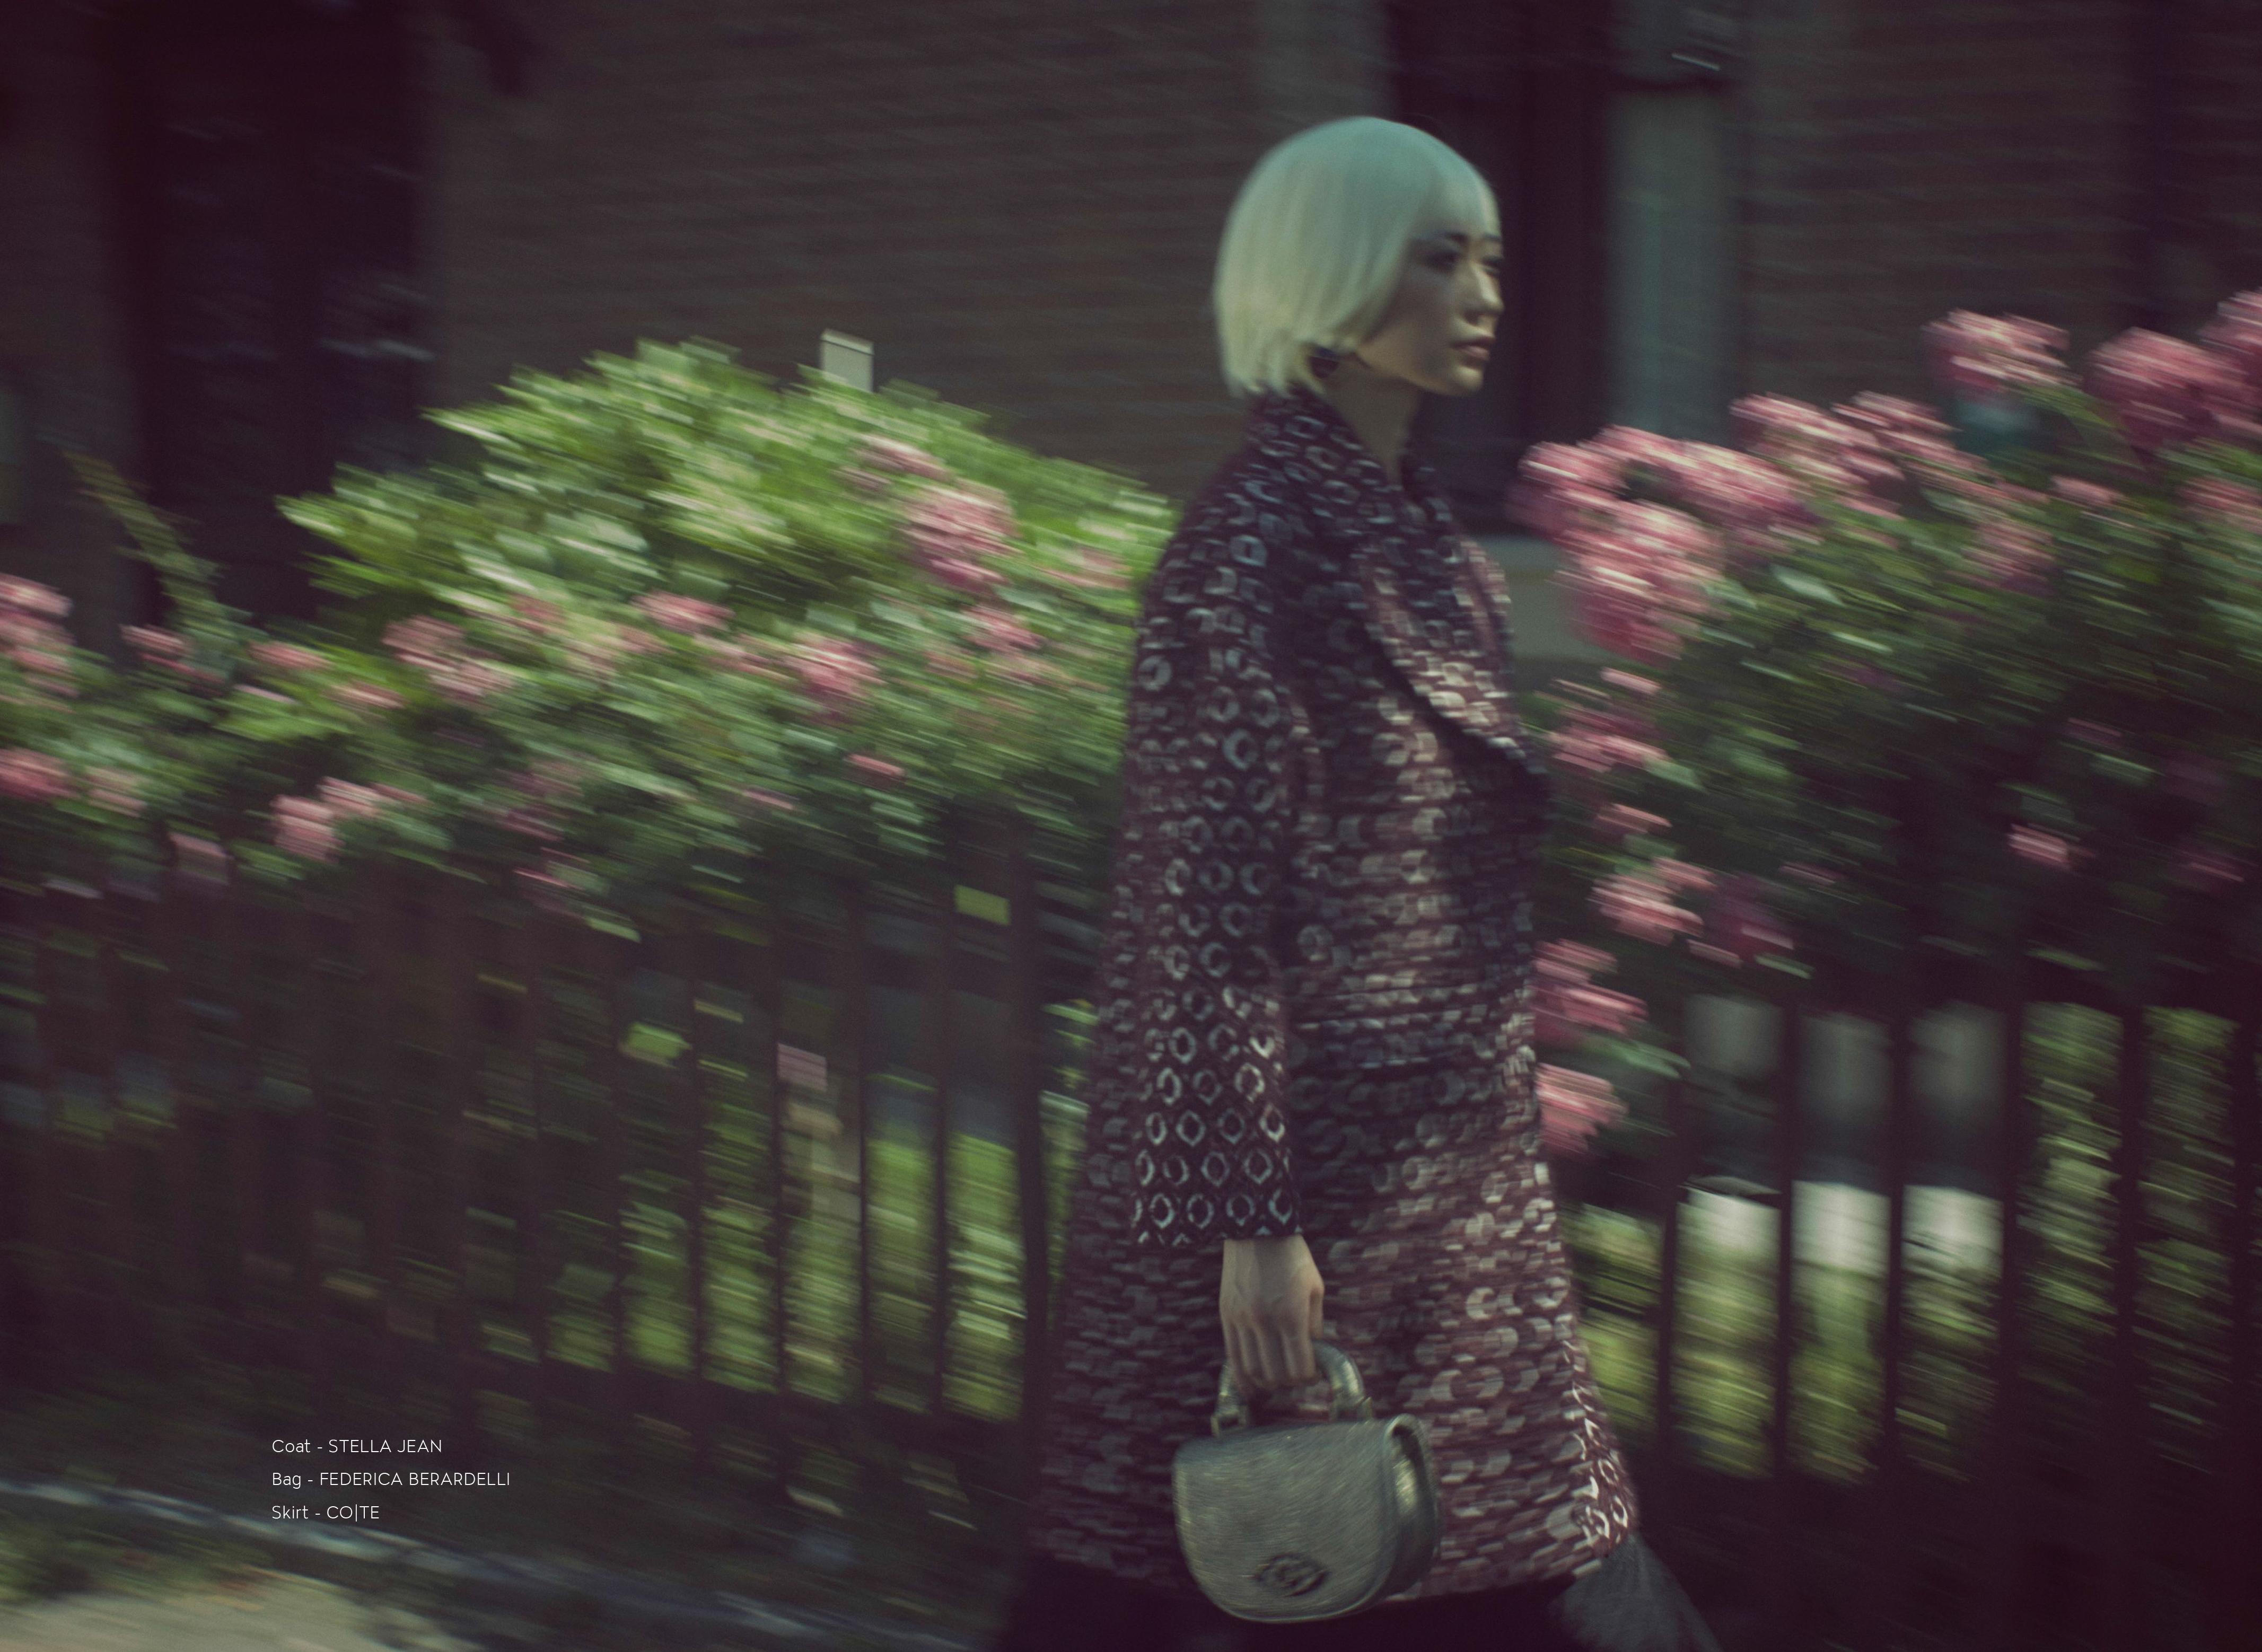 NoPlaceMagazineModelItalyLuleproductionAlbertoRaviglione&AdeleObicePhotoshootFashion_02